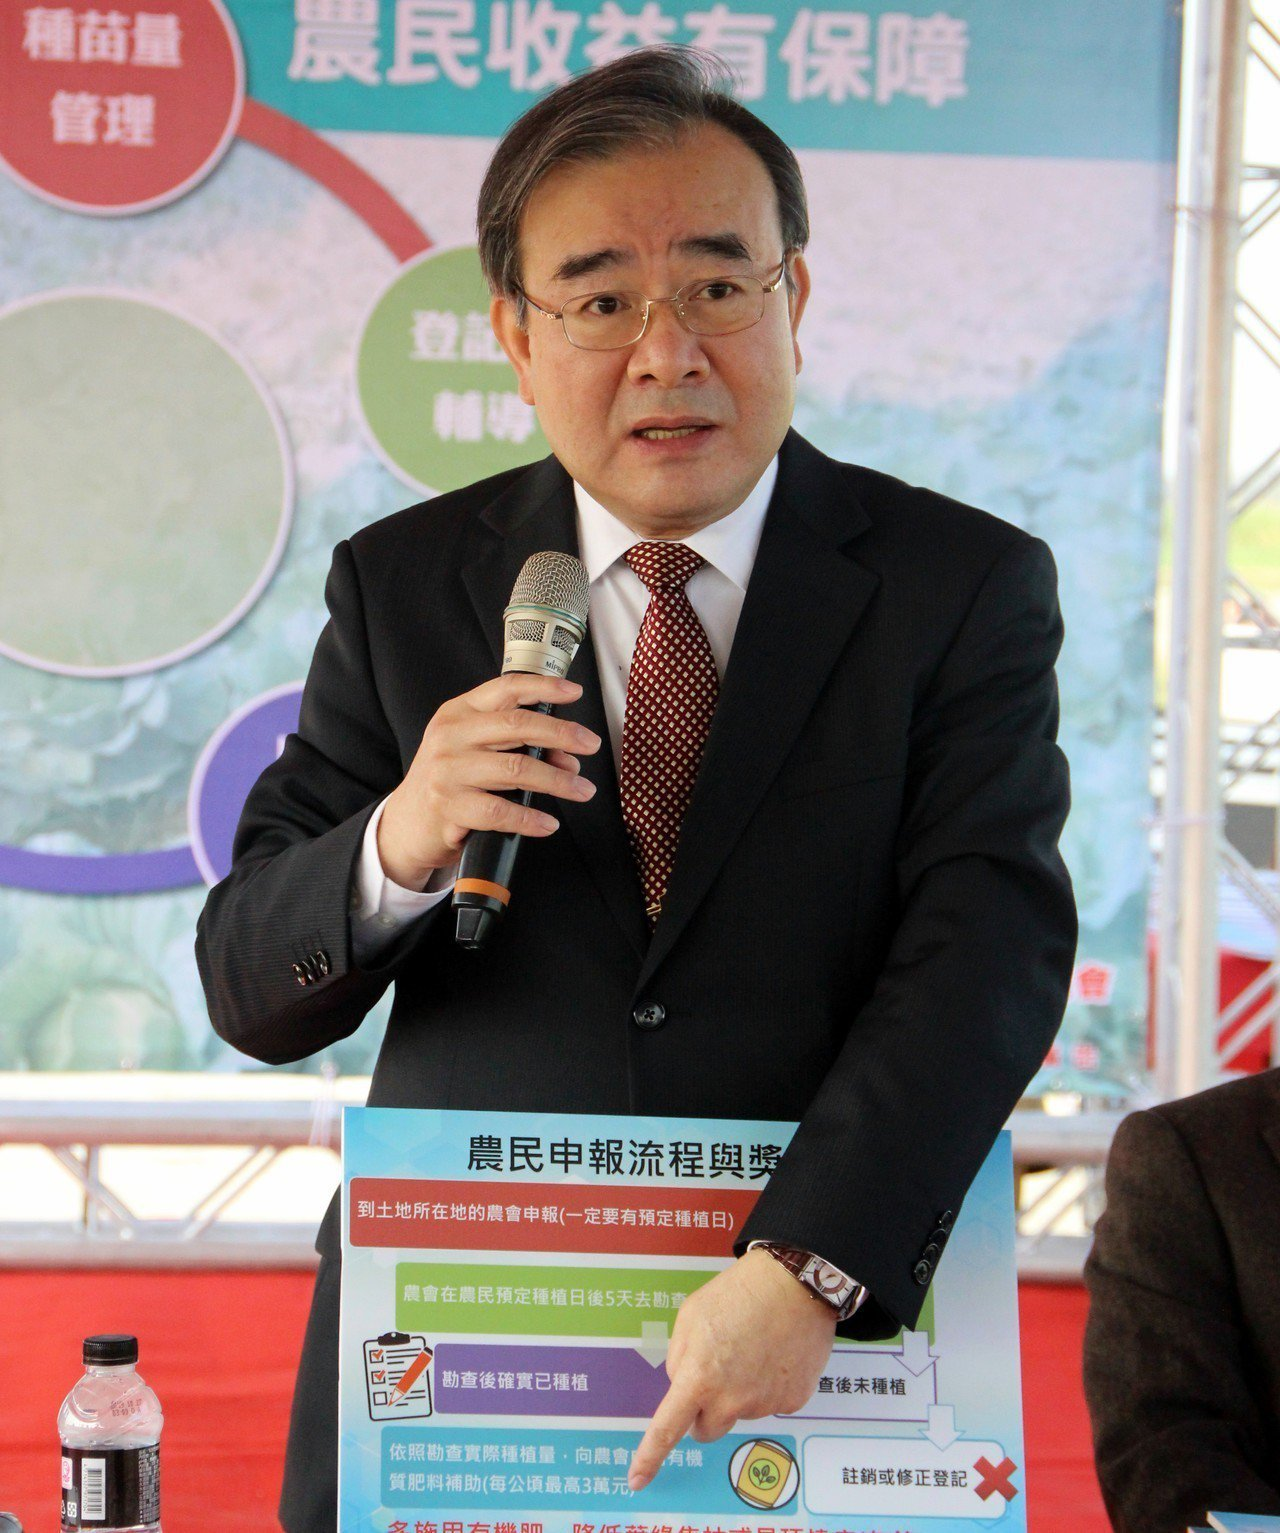 農糧署署長胡忠一說明登記制度,讓農民保證收益。記者林敬家/攝影